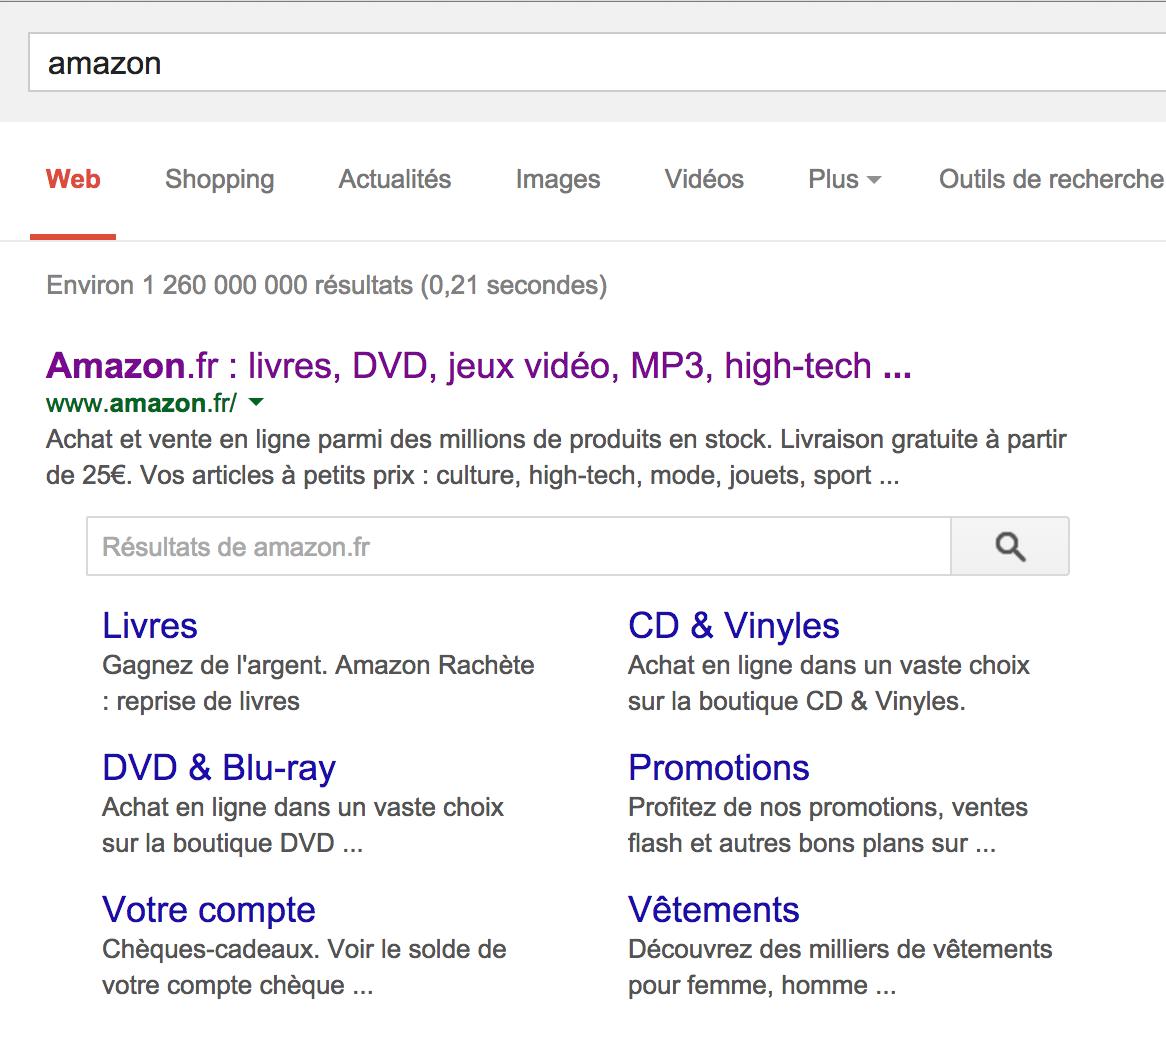 Résultat de recherche Amazon sur google.fr